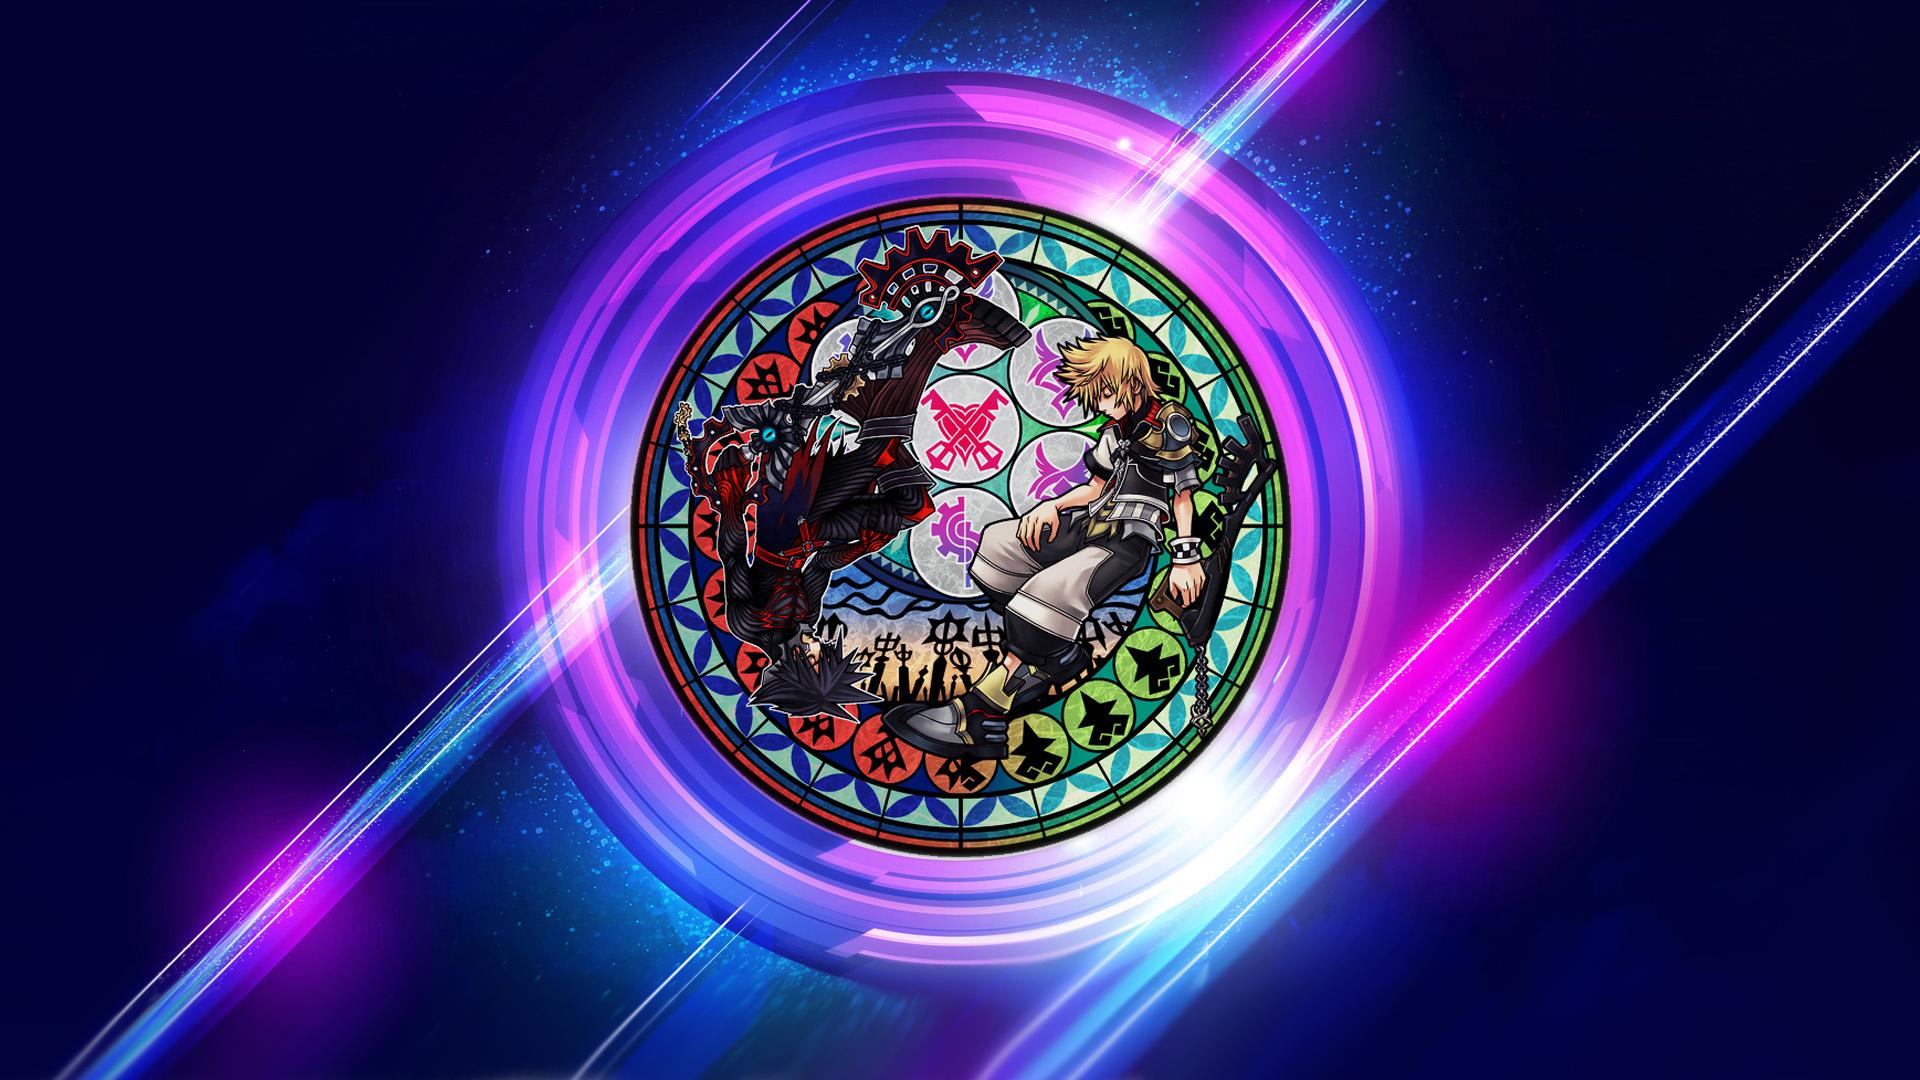 Kingdom Hearts Wallpaper 1920x1080 Kingdom Hearts 1920x1080